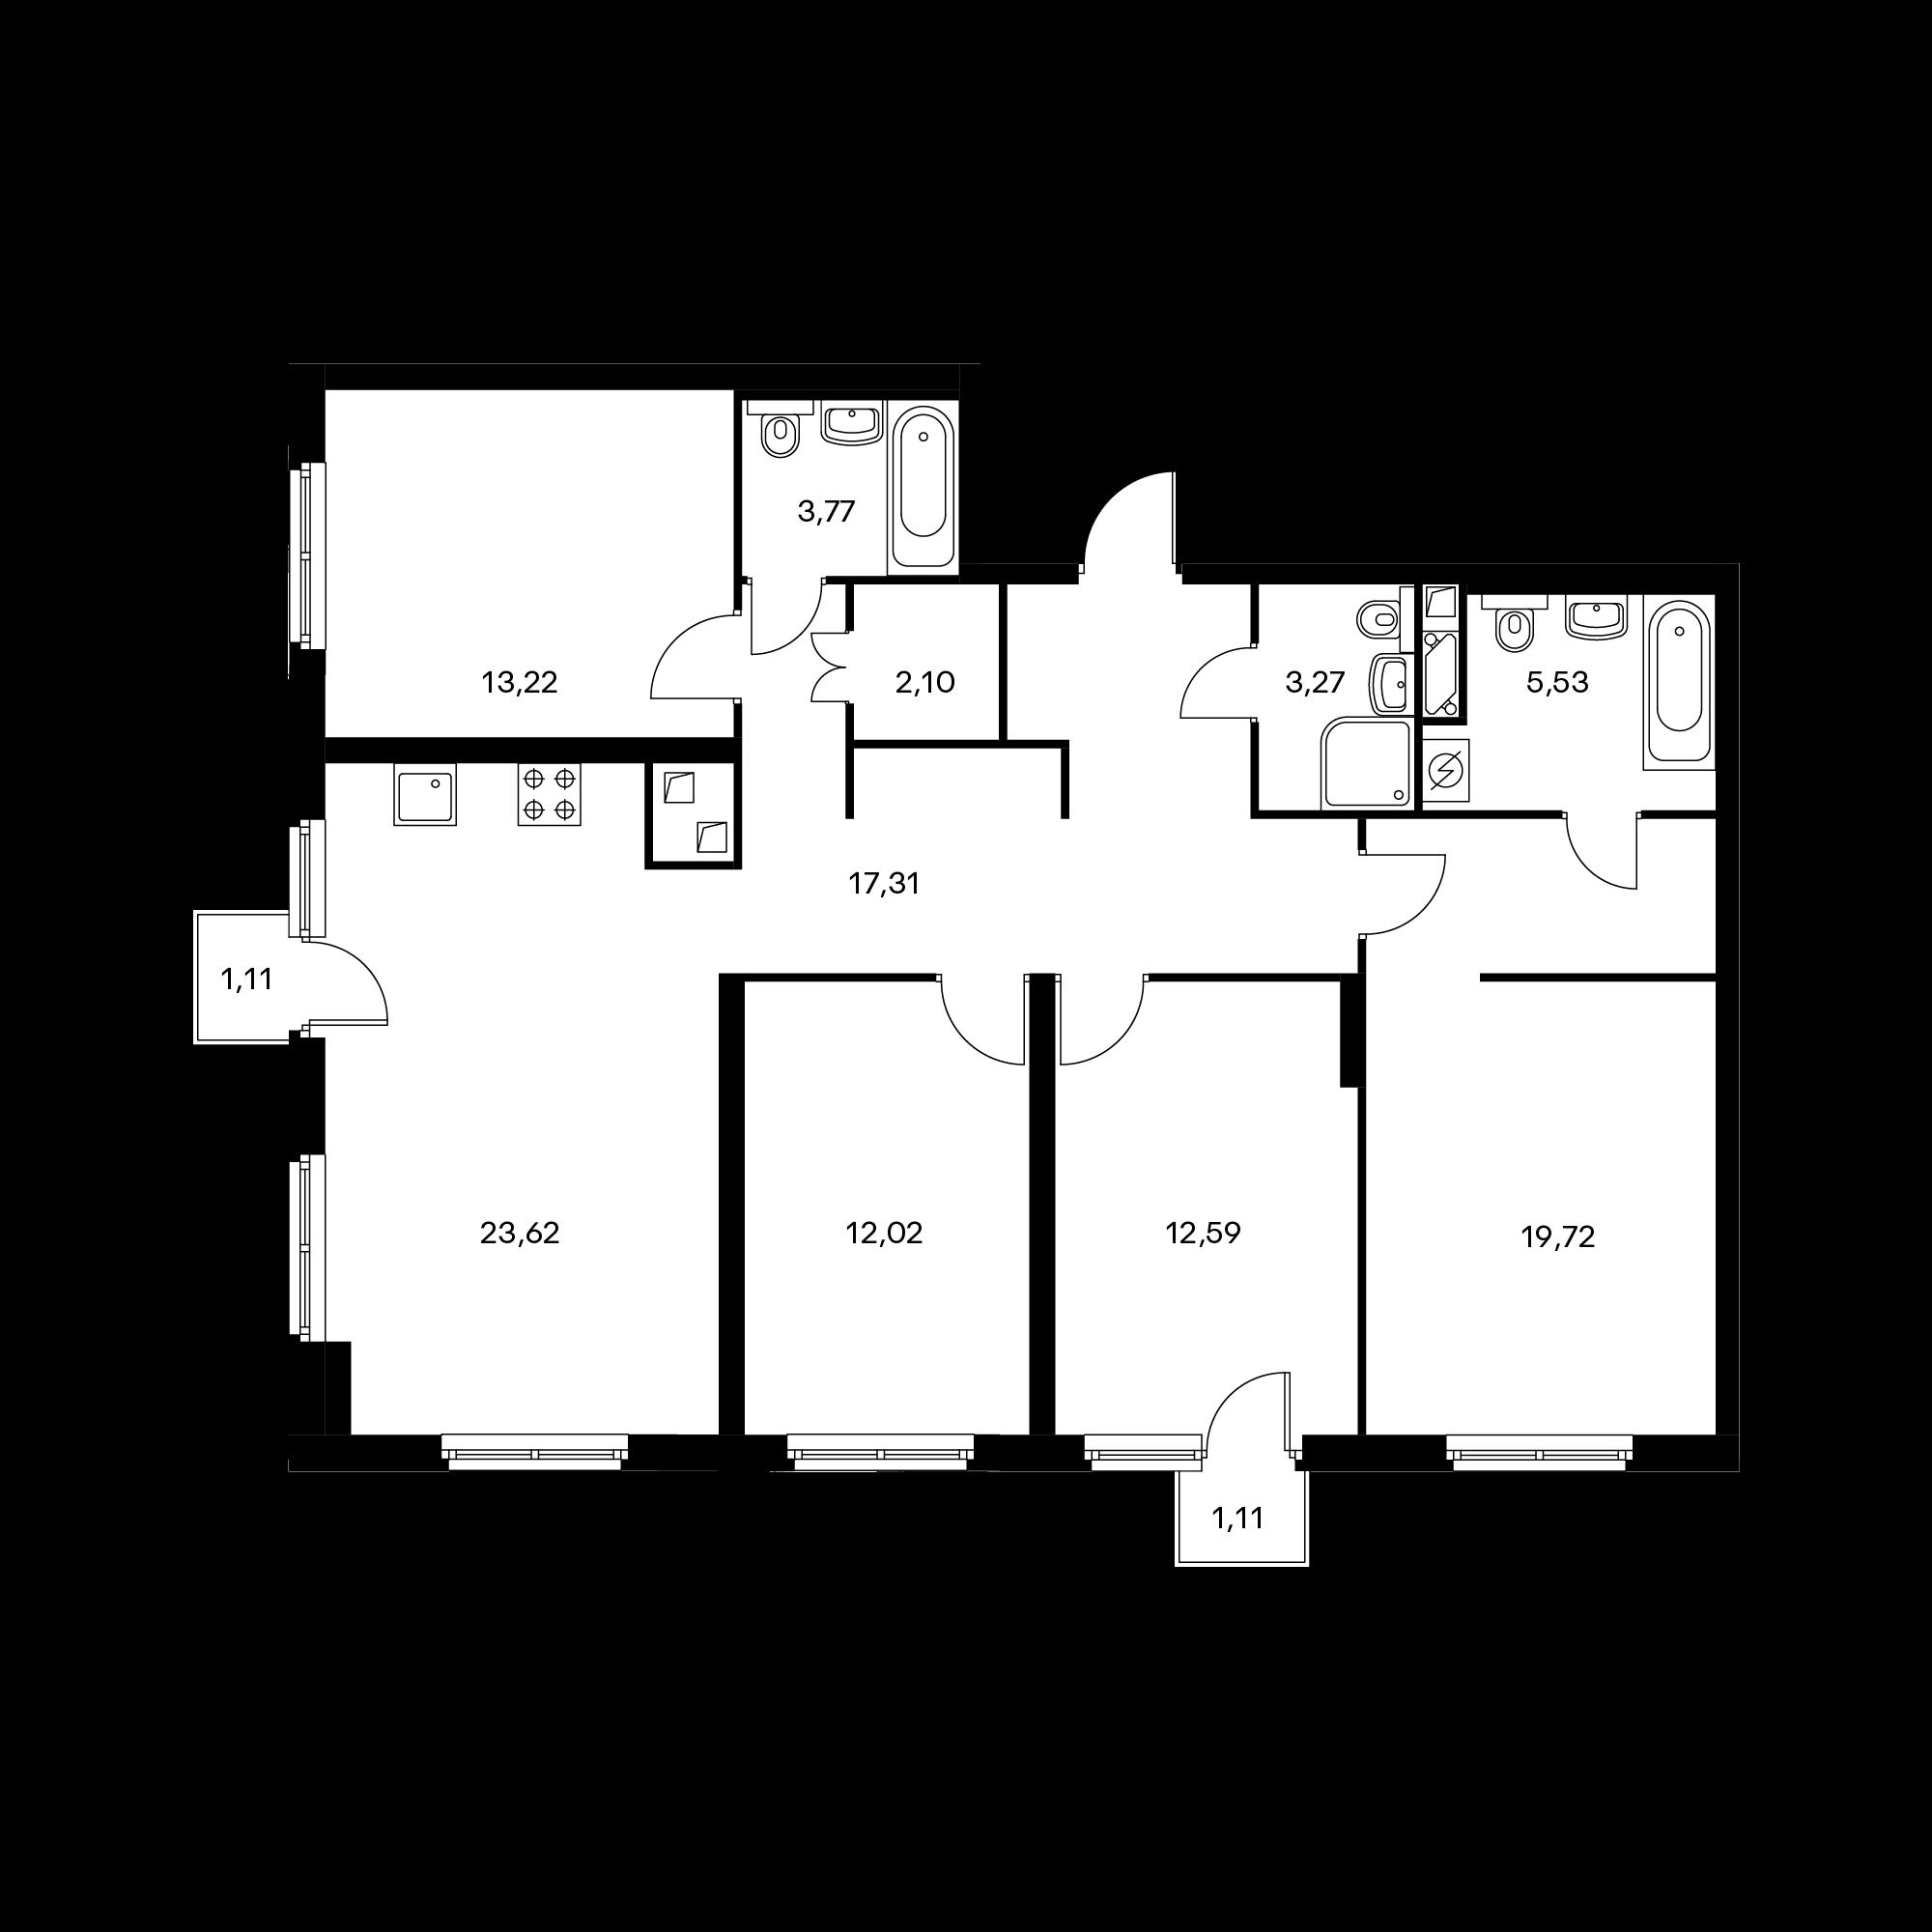 4EL1C_B1